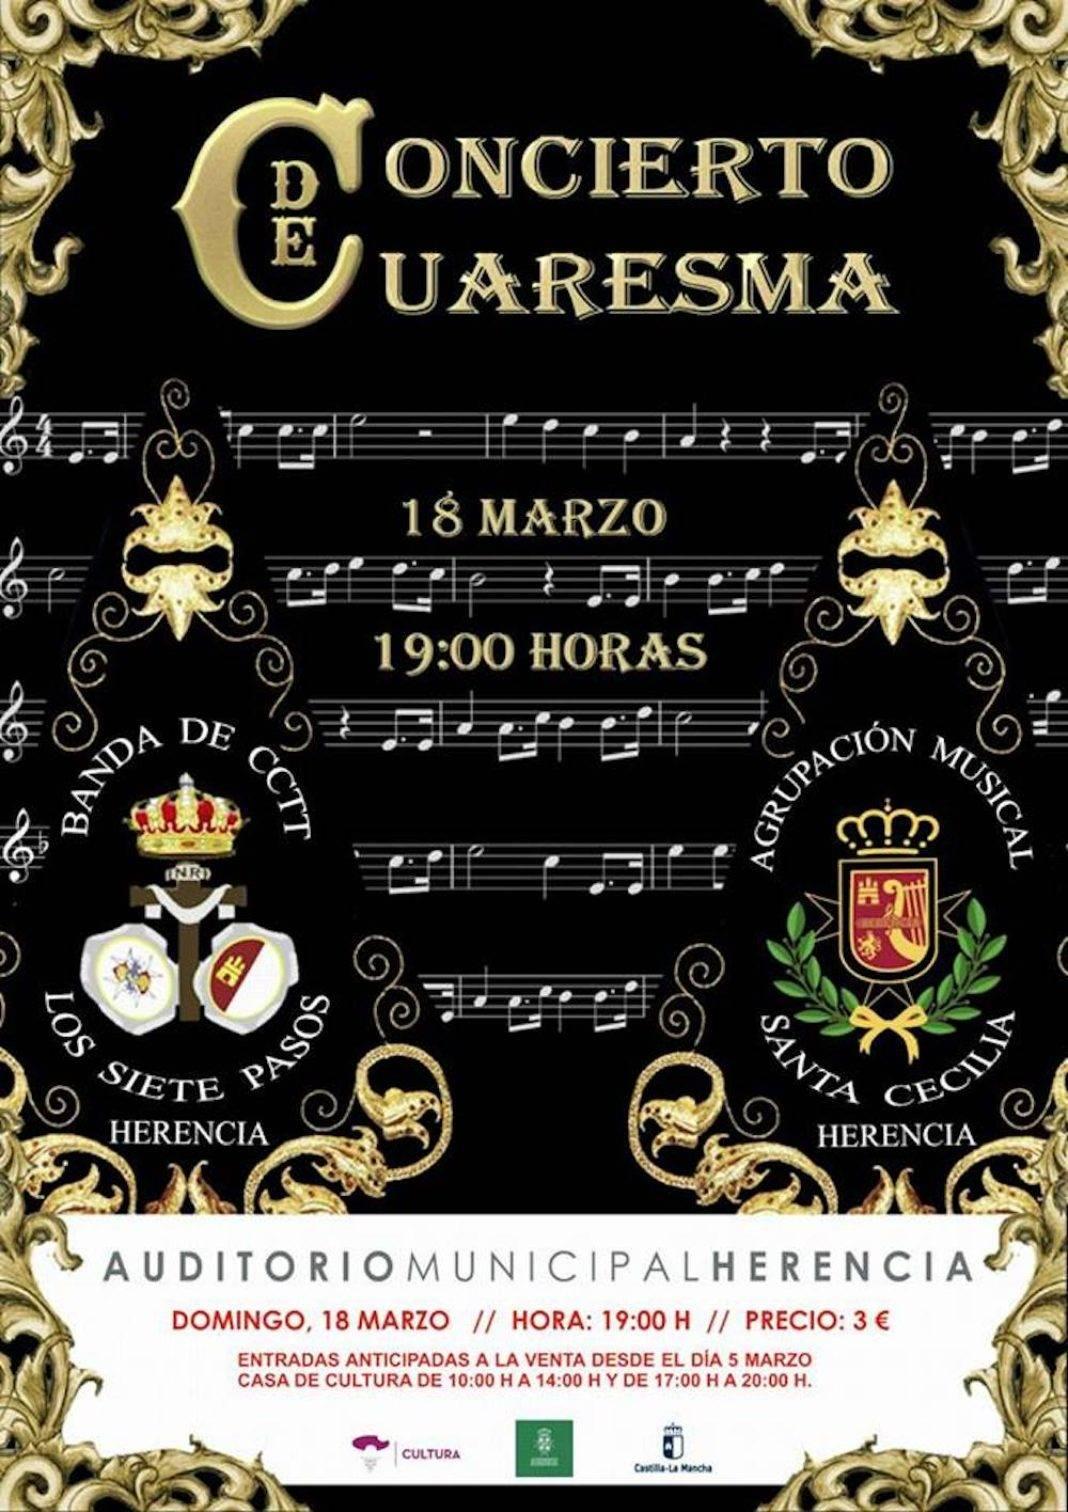 concierto cuaresma 2018 1068x1512 - Concierto de Cuaresma el próximo domingo 18 de marzo